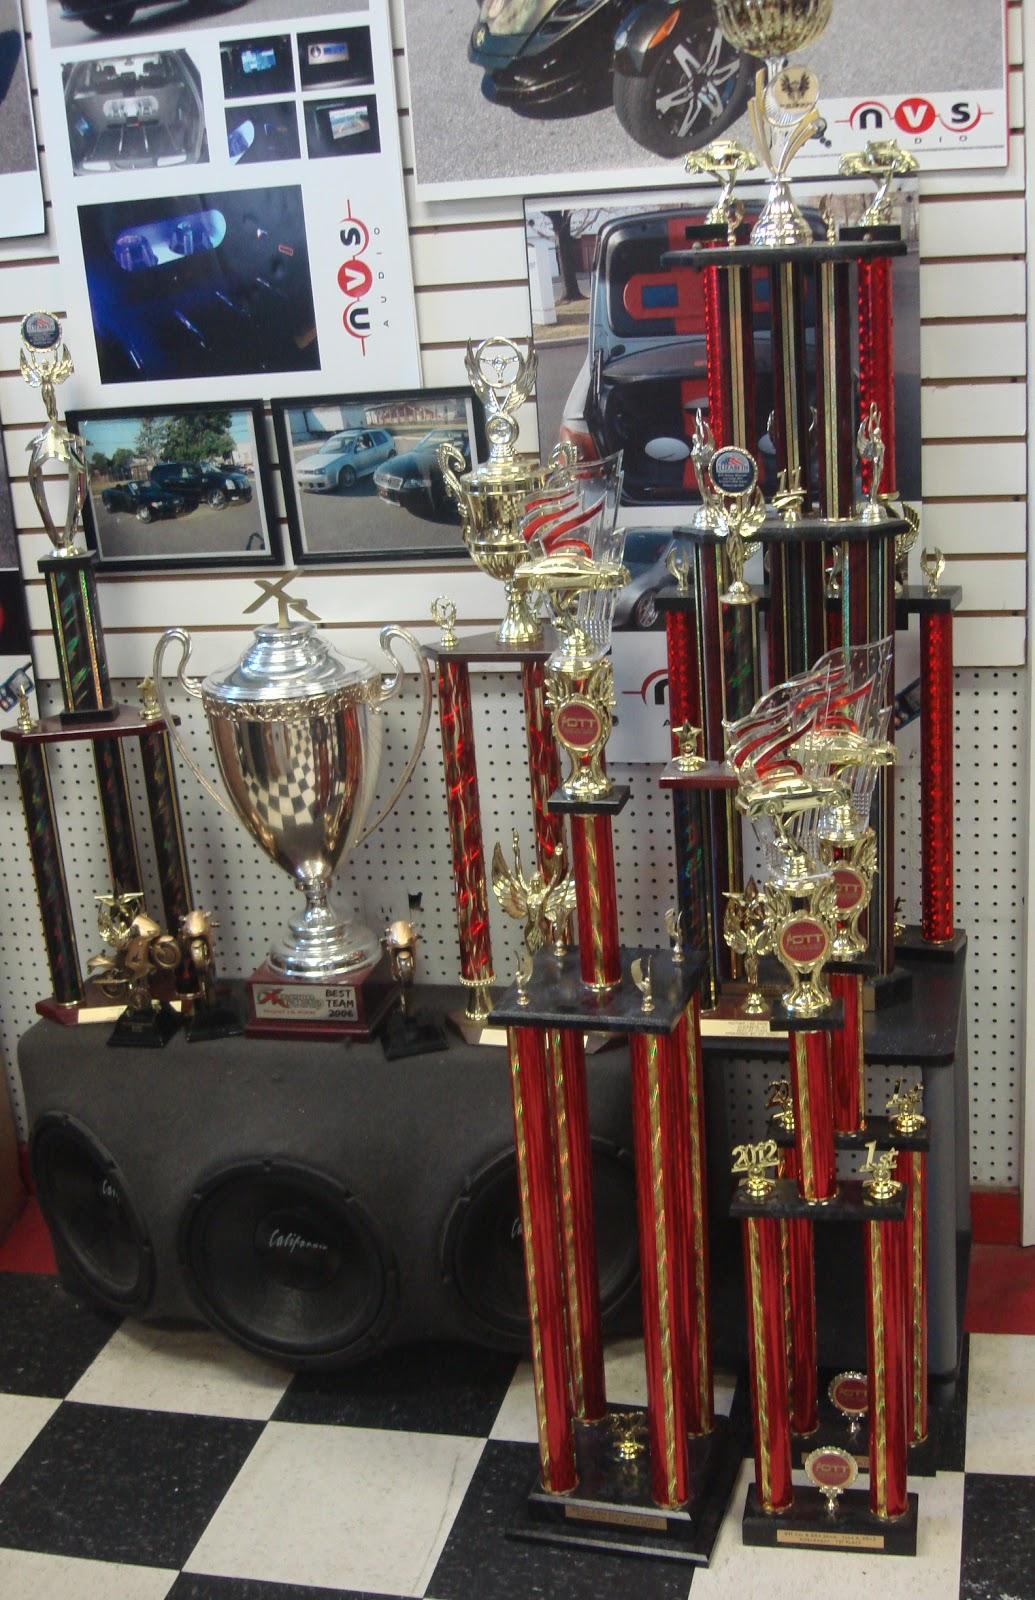 Nvs Audio Nvs Audio Wins Big At The Dtt Car Show 2012 13